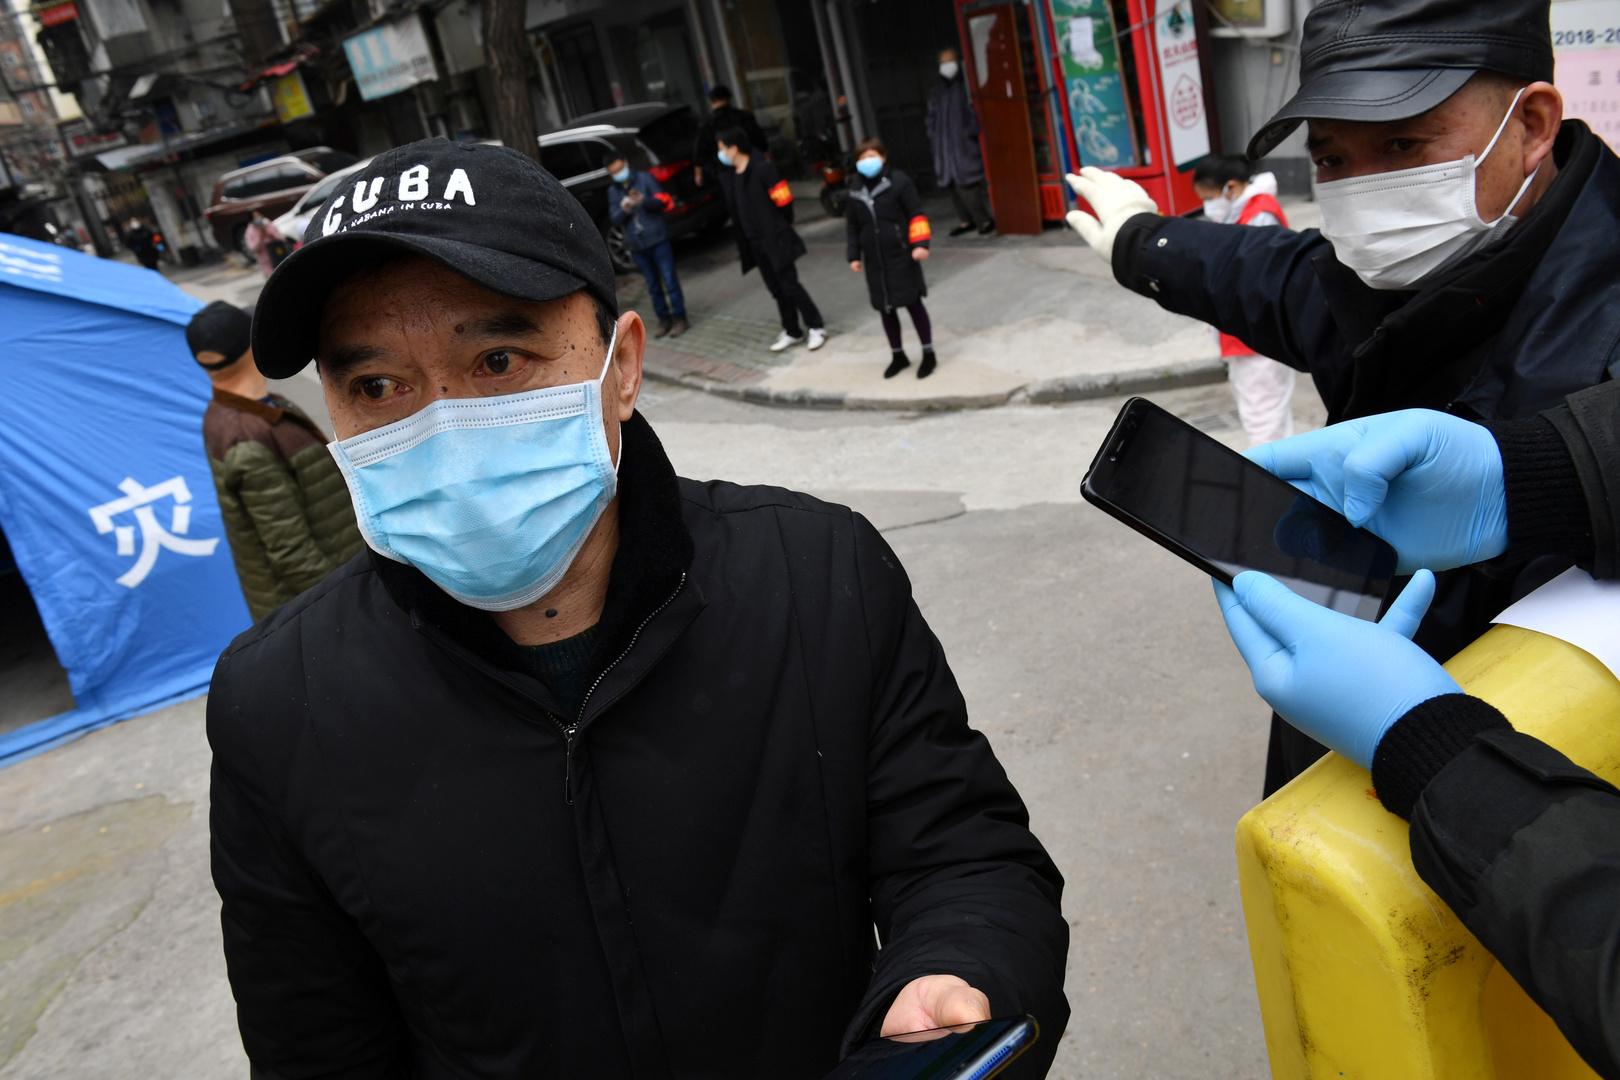 الصين تسجل عجزا بأكثر من 7 مليارات دولار في شهرين بسبب